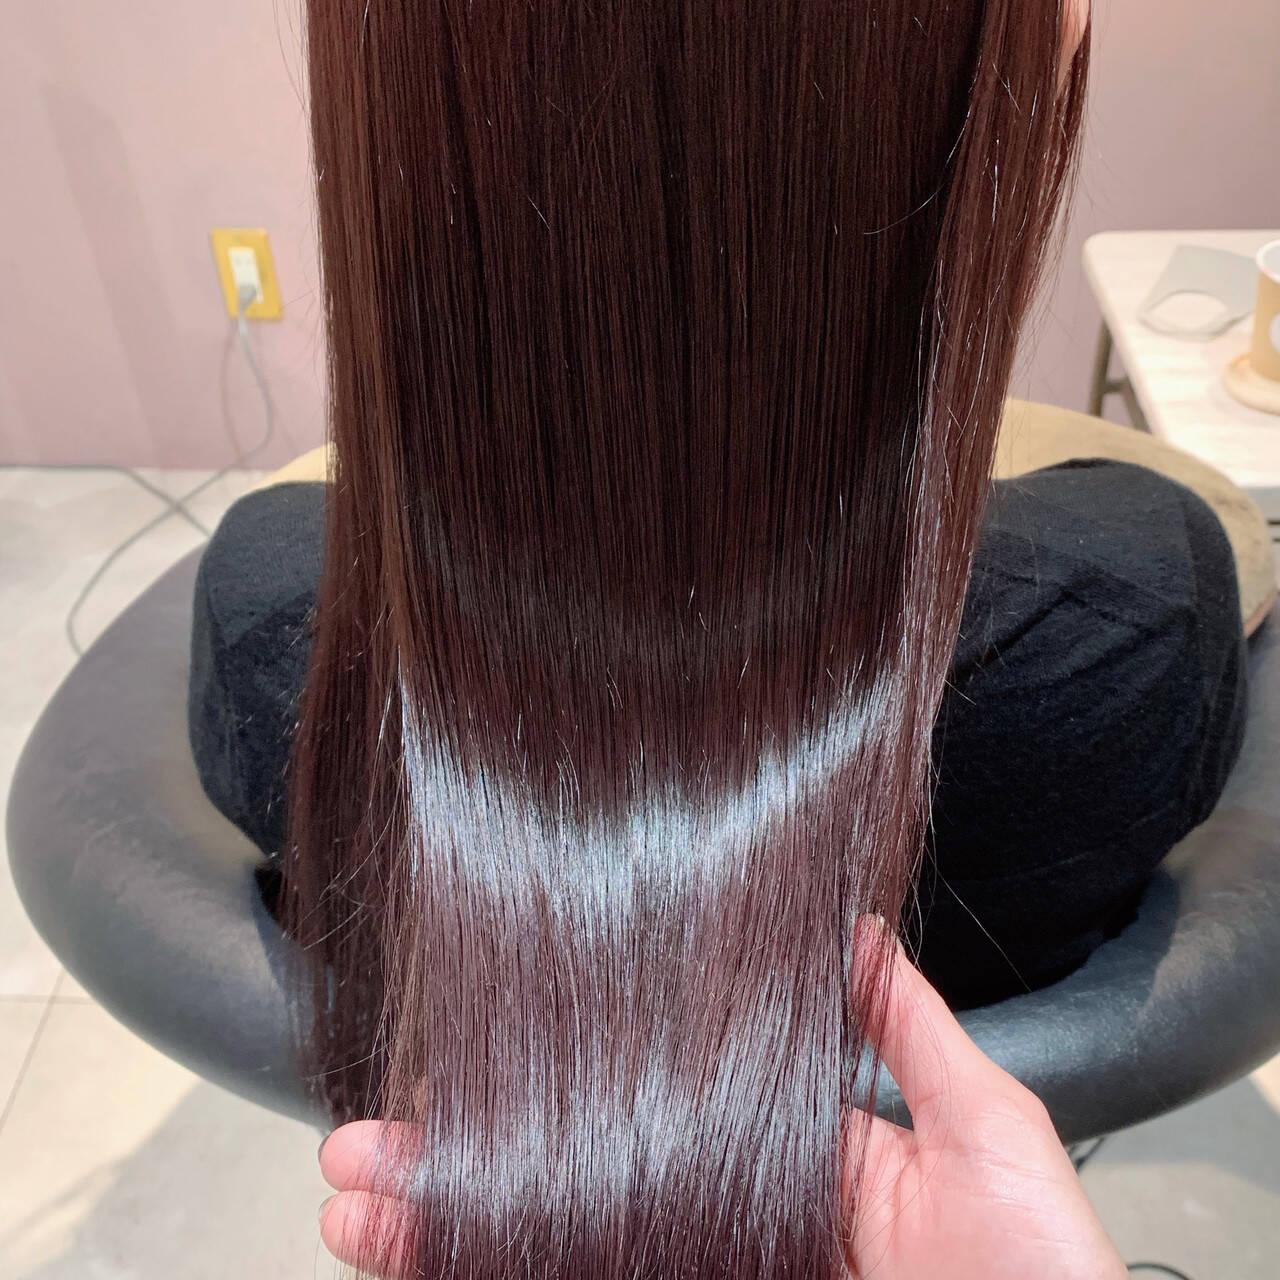 ナチュラル カシスカラー ピンク ラベンダーピンクヘアスタイルや髪型の写真・画像